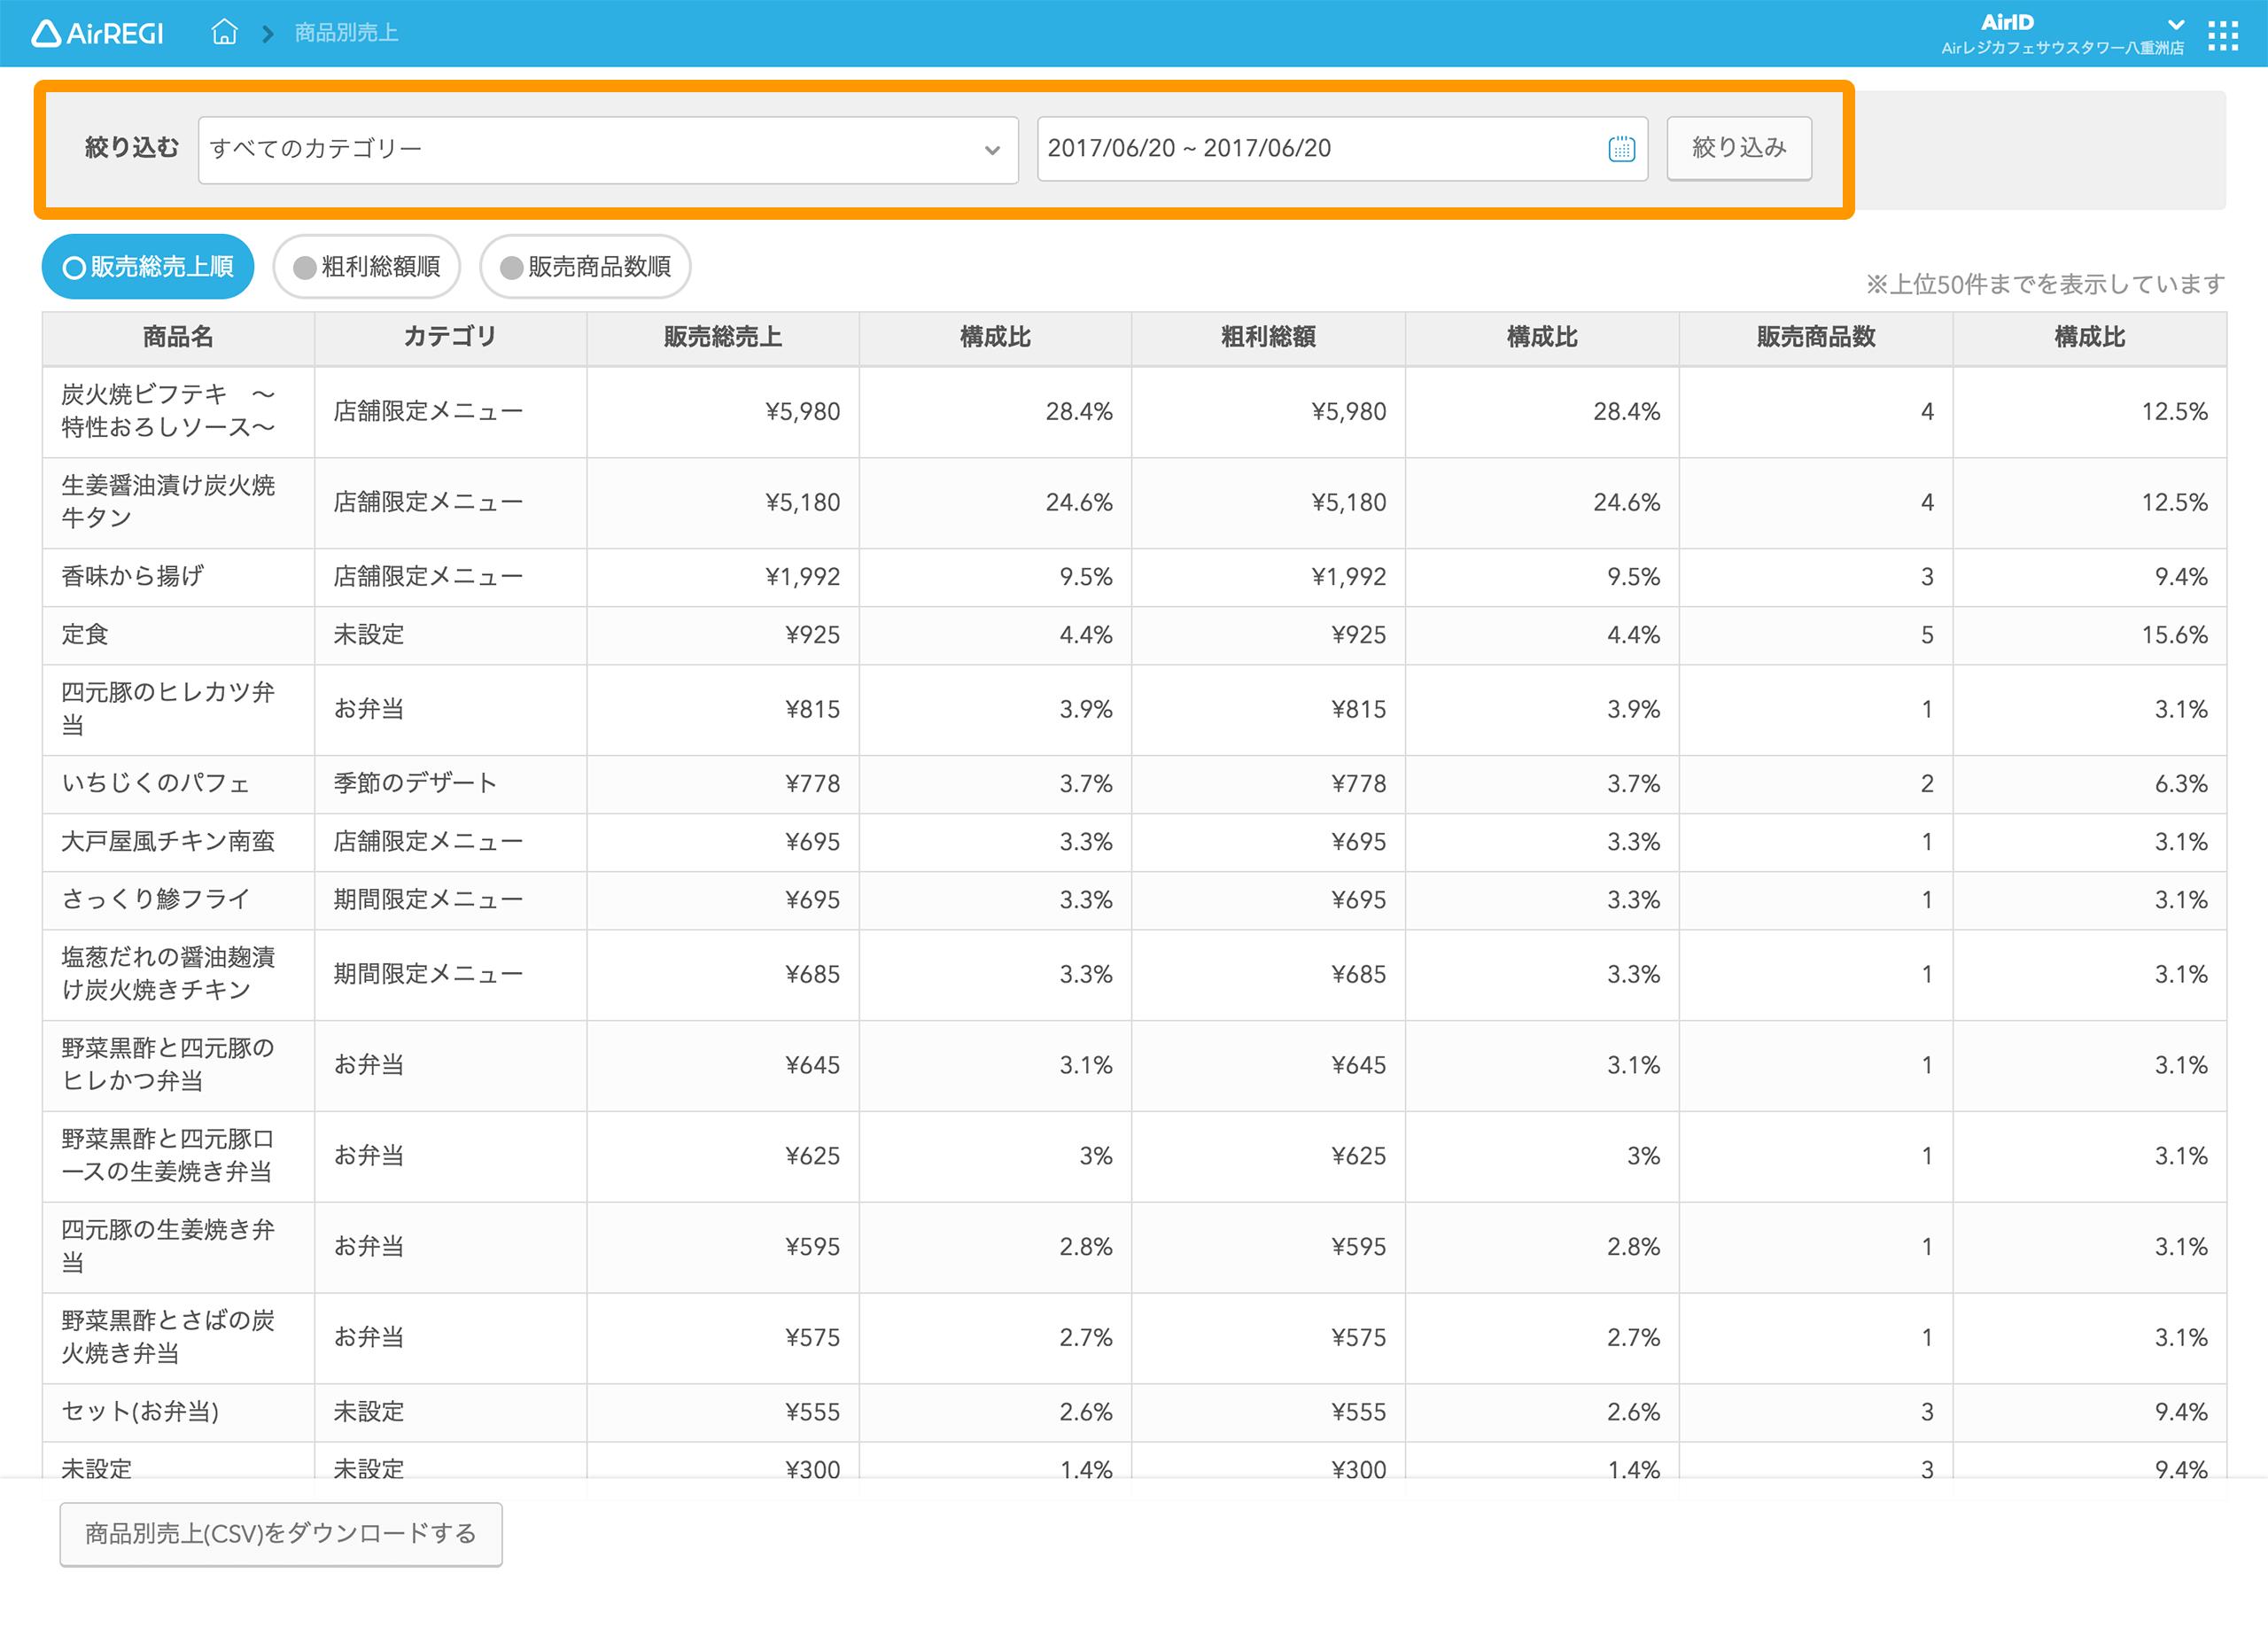 Airレジ Airレジ バックオフィス 商品別売上画面